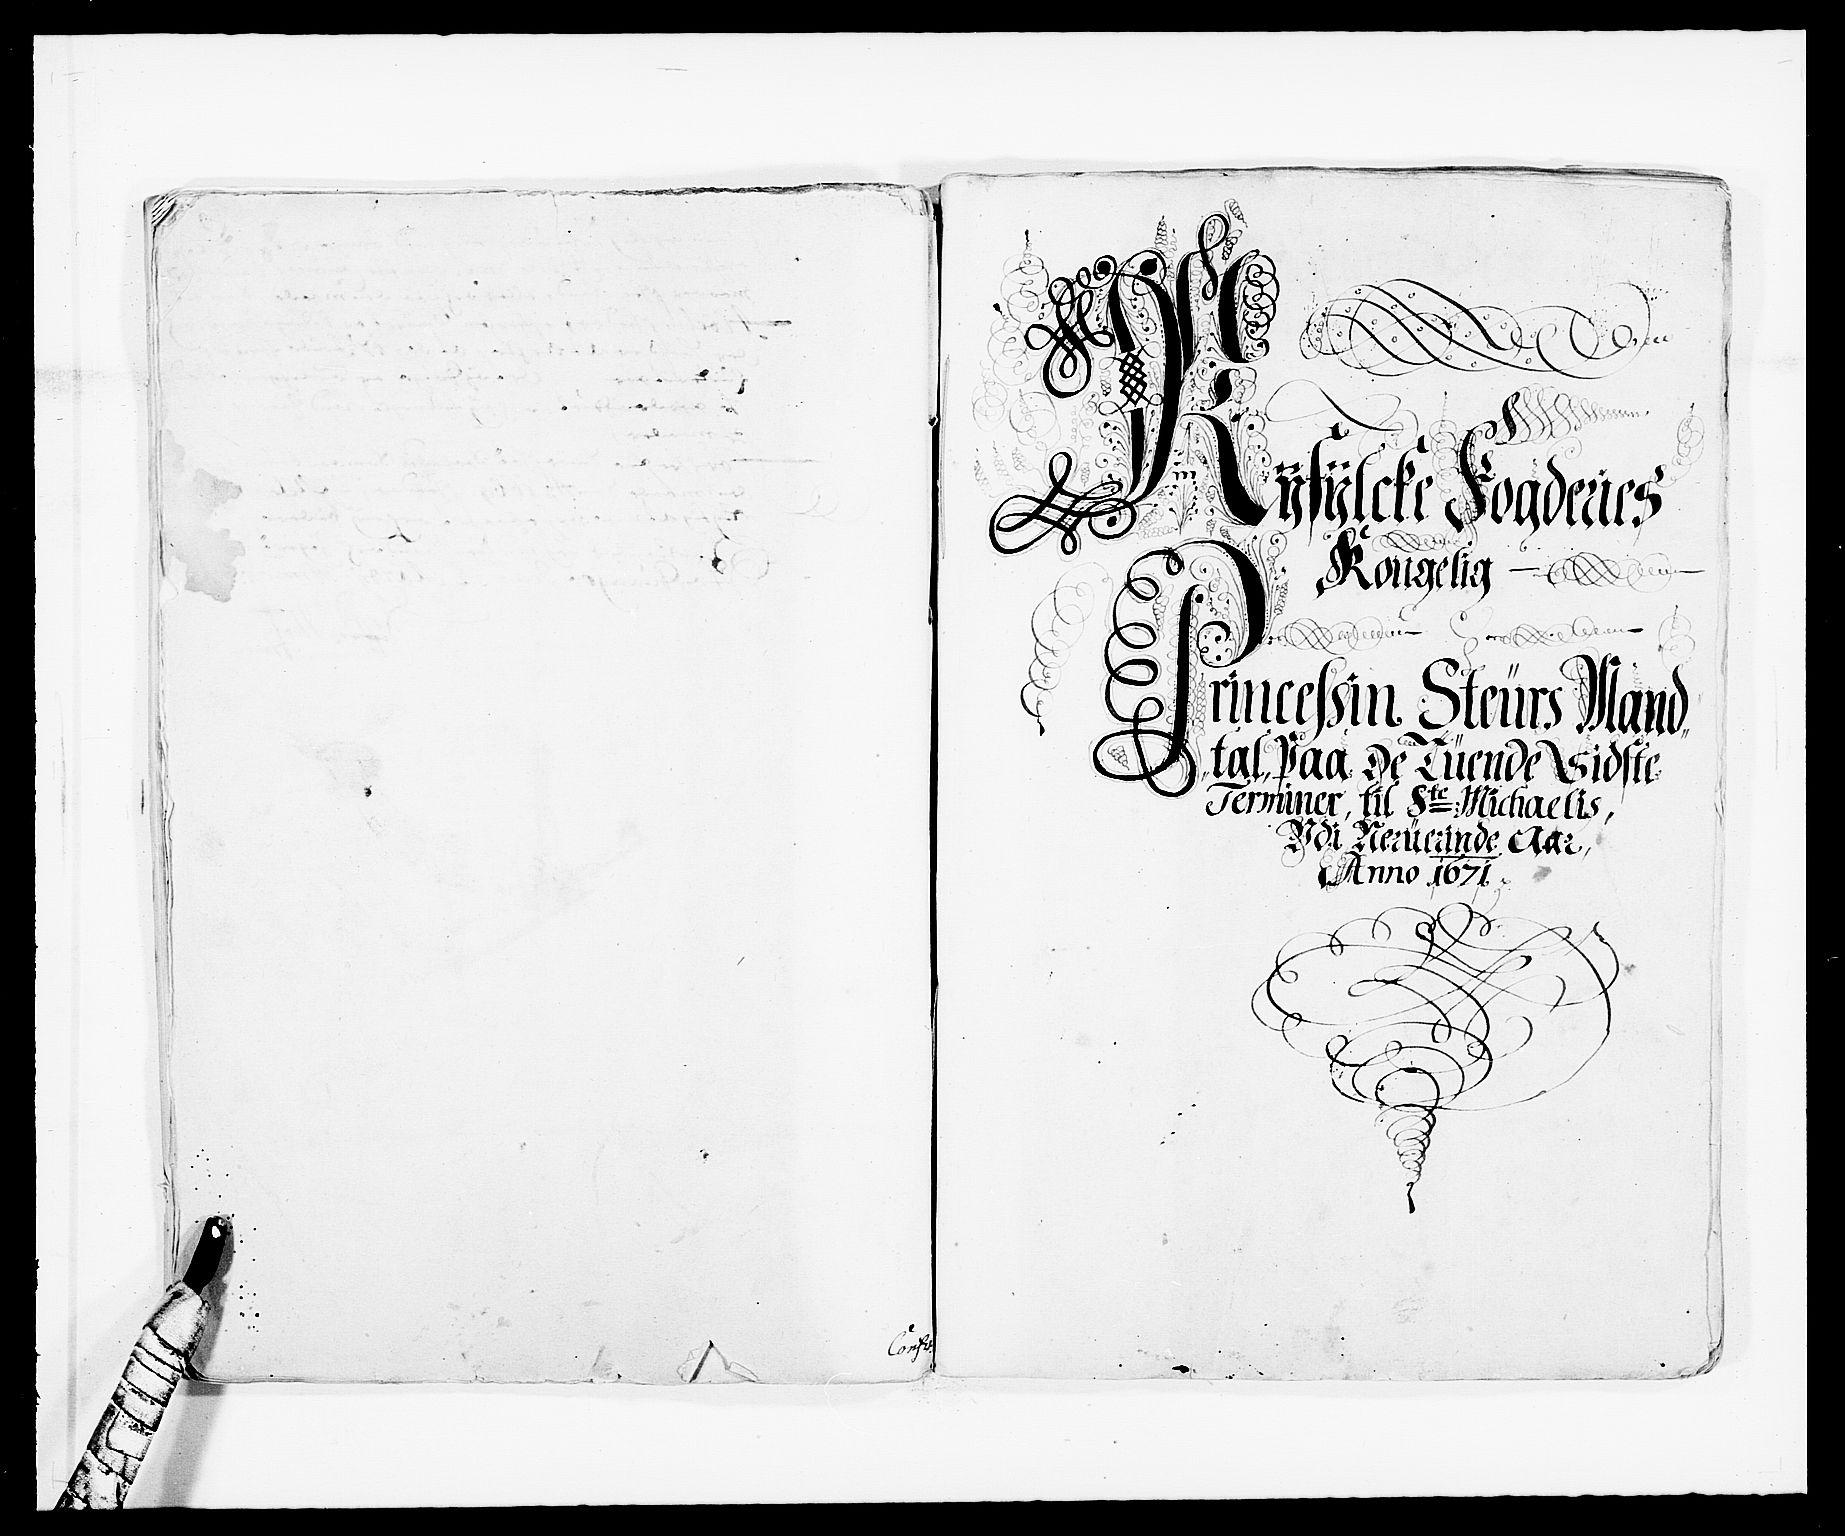 RA, Rentekammeret inntil 1814, Reviderte regnskaper, Fogderegnskap, R47/L2843: Fogderegnskap Ryfylke, 1670-1671, s. 467